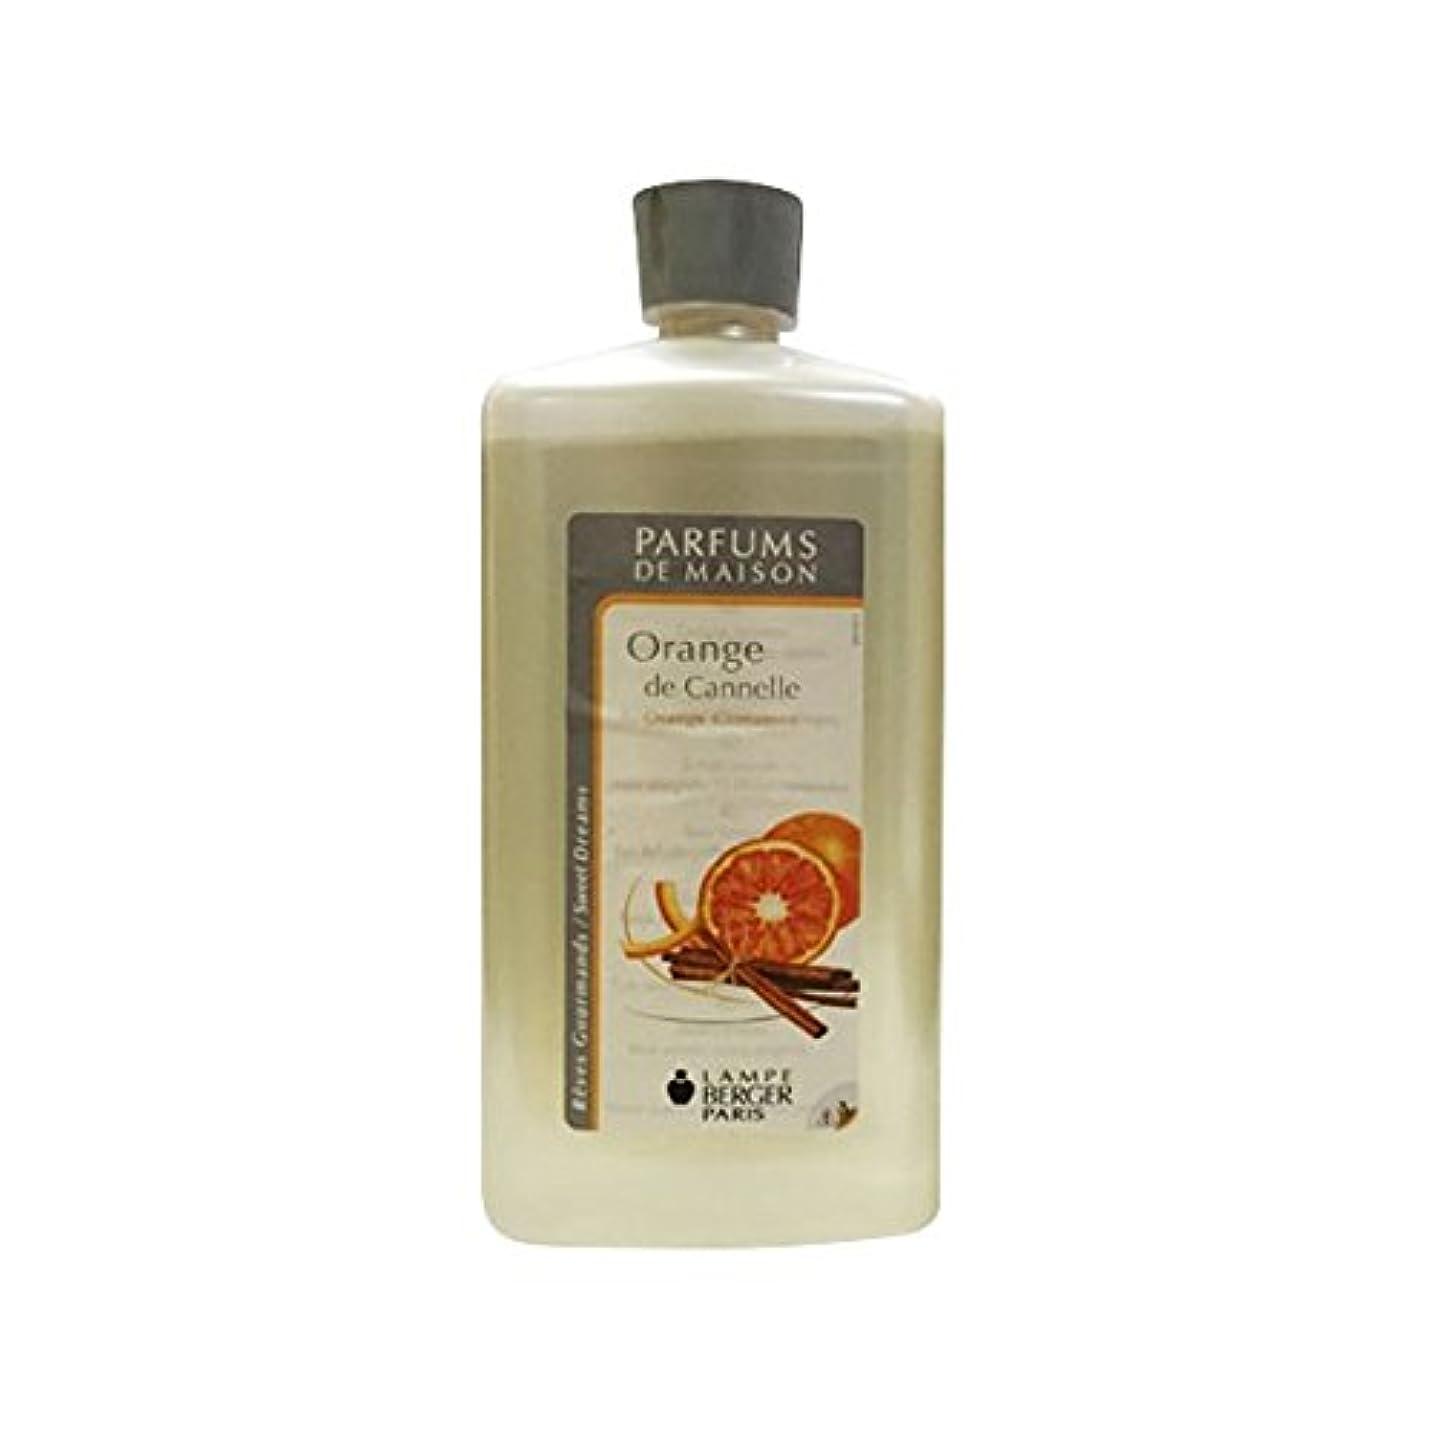 研究所調べる近くランプベルジェオイル(オレンジシナモン)Orange de Cannelle / Orange Cinnamon